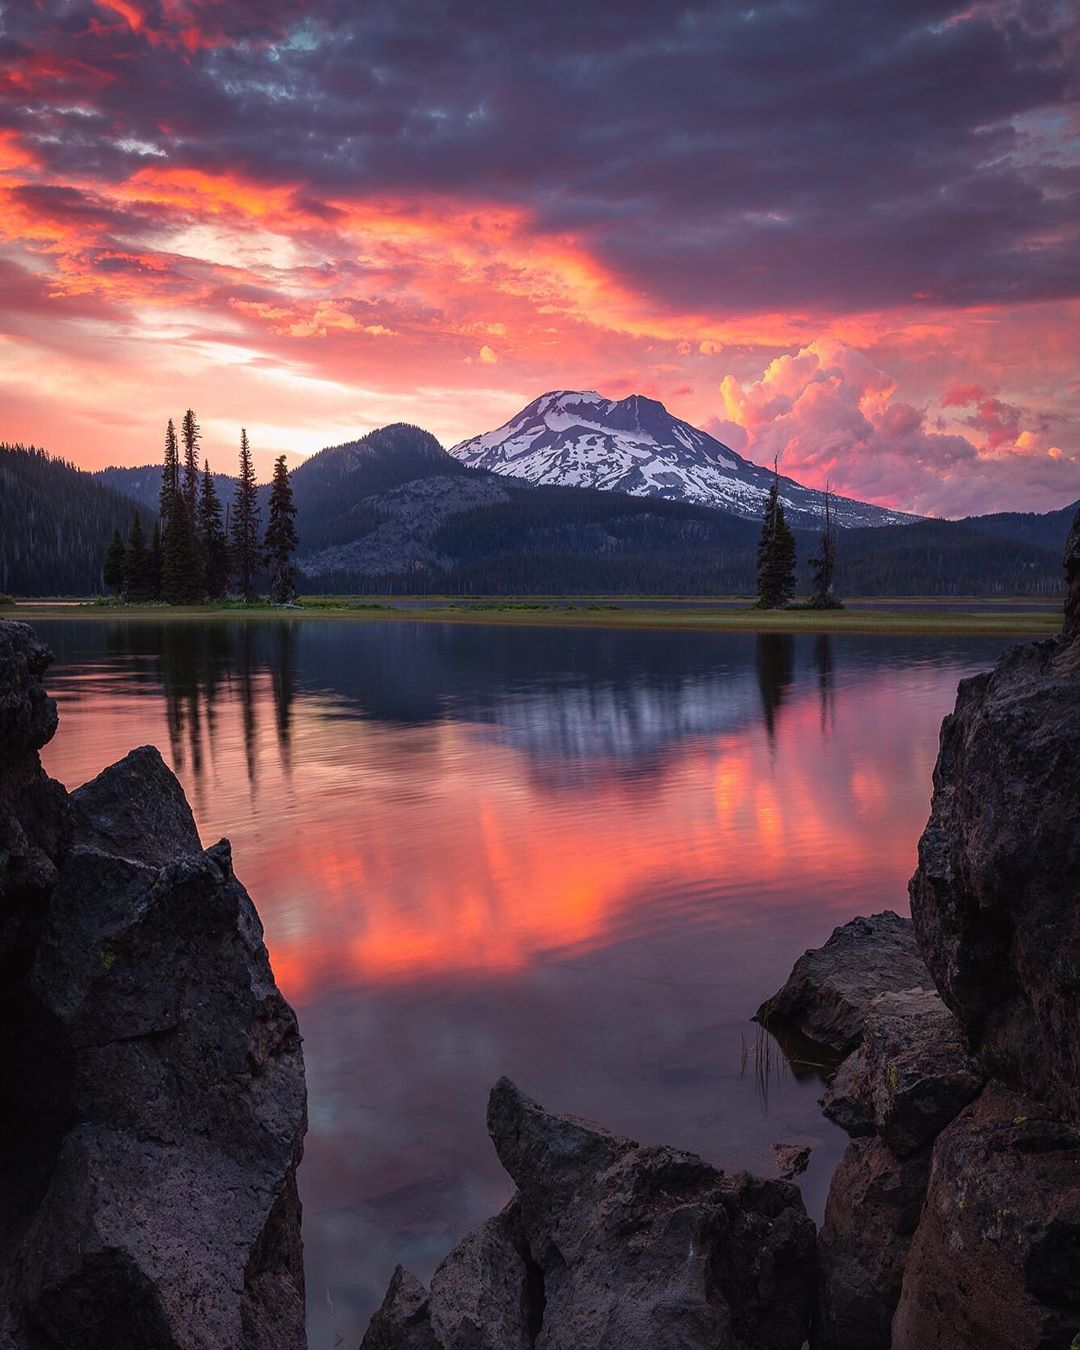 Красивая подборка пейзажных фотографий из разных мест мира красиво,природа,тревел-фото